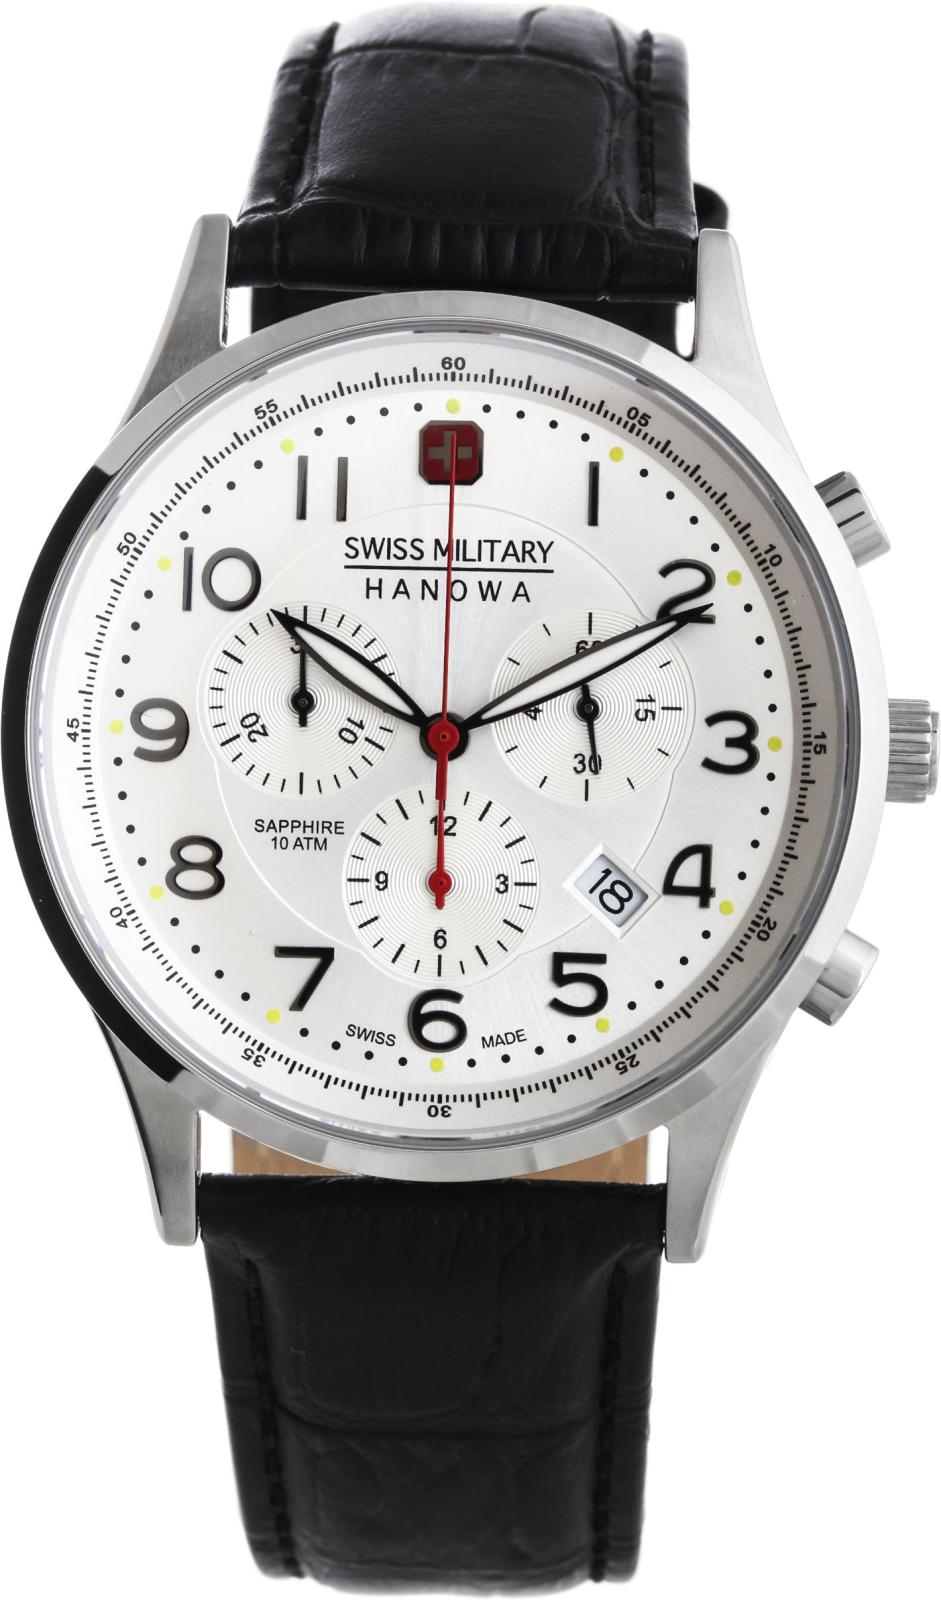 Hanowa Swiss Military Patriot 06-4187.04.001Наручные часы<br>Швейцарские часы Hanowa Swiss Military Patriot 06-4187.04.001Часы принадежат коллекции Patriot. Это настоящие Мужские часы. Материал корпуса часов — Сталь. Ремень — Кожа. В этой модели стоит Сапфировое стекло. Часы выдерживают давление на глубине 100 м.<br><br>Пол: Мужские<br>Страна-производитель: Швейцария<br>Механизм: Кварцевый<br>Материал корпуса: Сталь<br>Материал ремня/браслета: Кожа<br>Водозащита, диапазон: 100 - 150 м<br>Стекло: Сапфировое<br>Толщина корпуса: None<br>Стиль: None